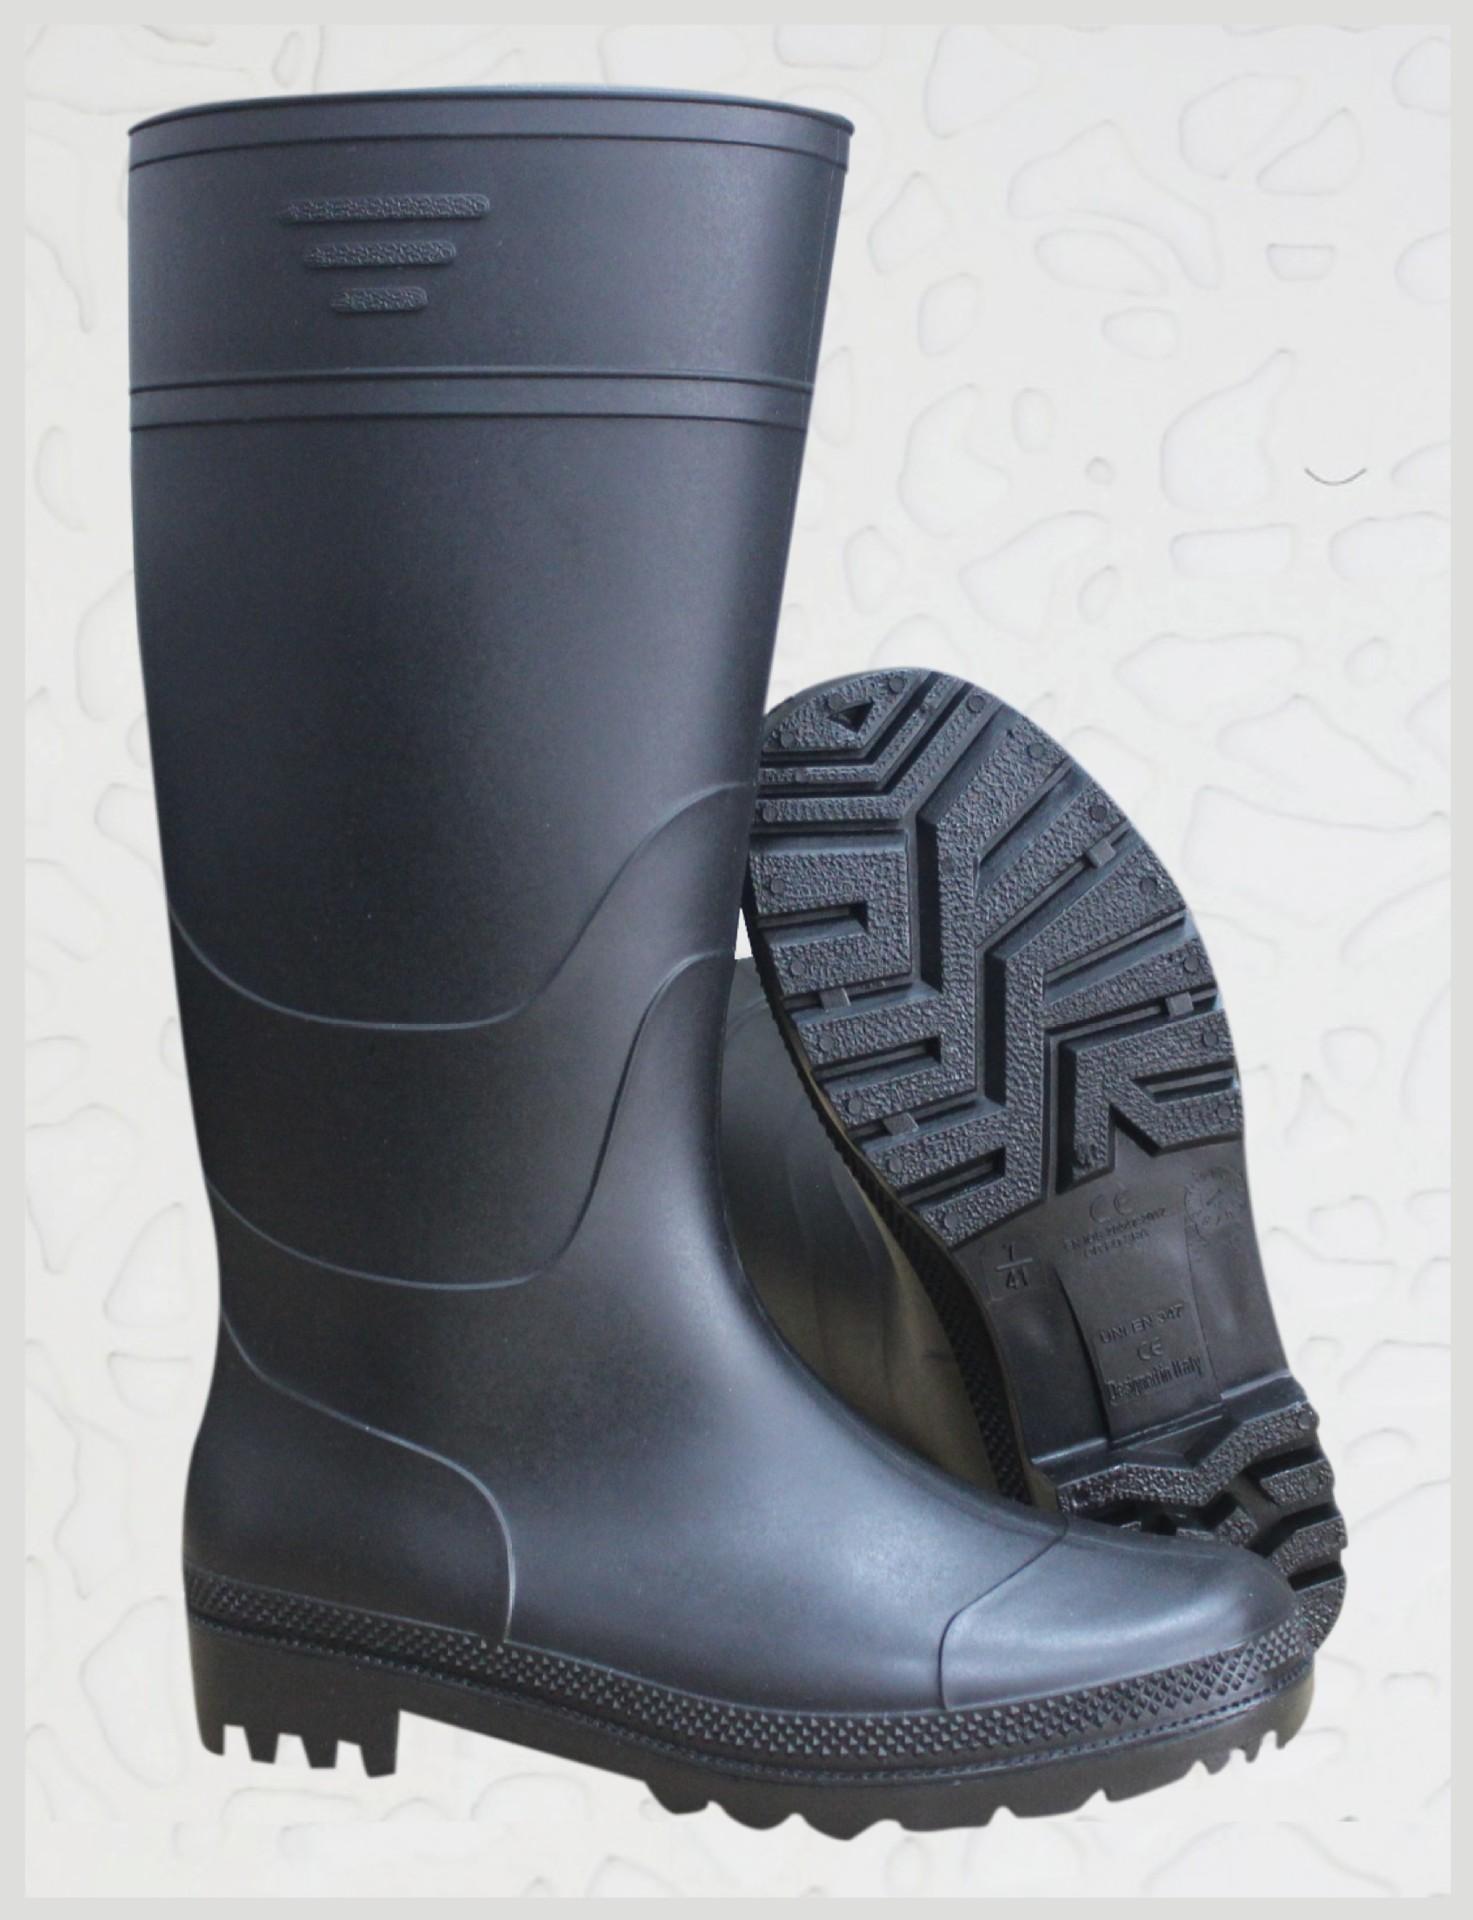 厂家直供PVC雨鞋工作雨鞋耐磨耐穿防弱酸弱碱畅销雨鞋